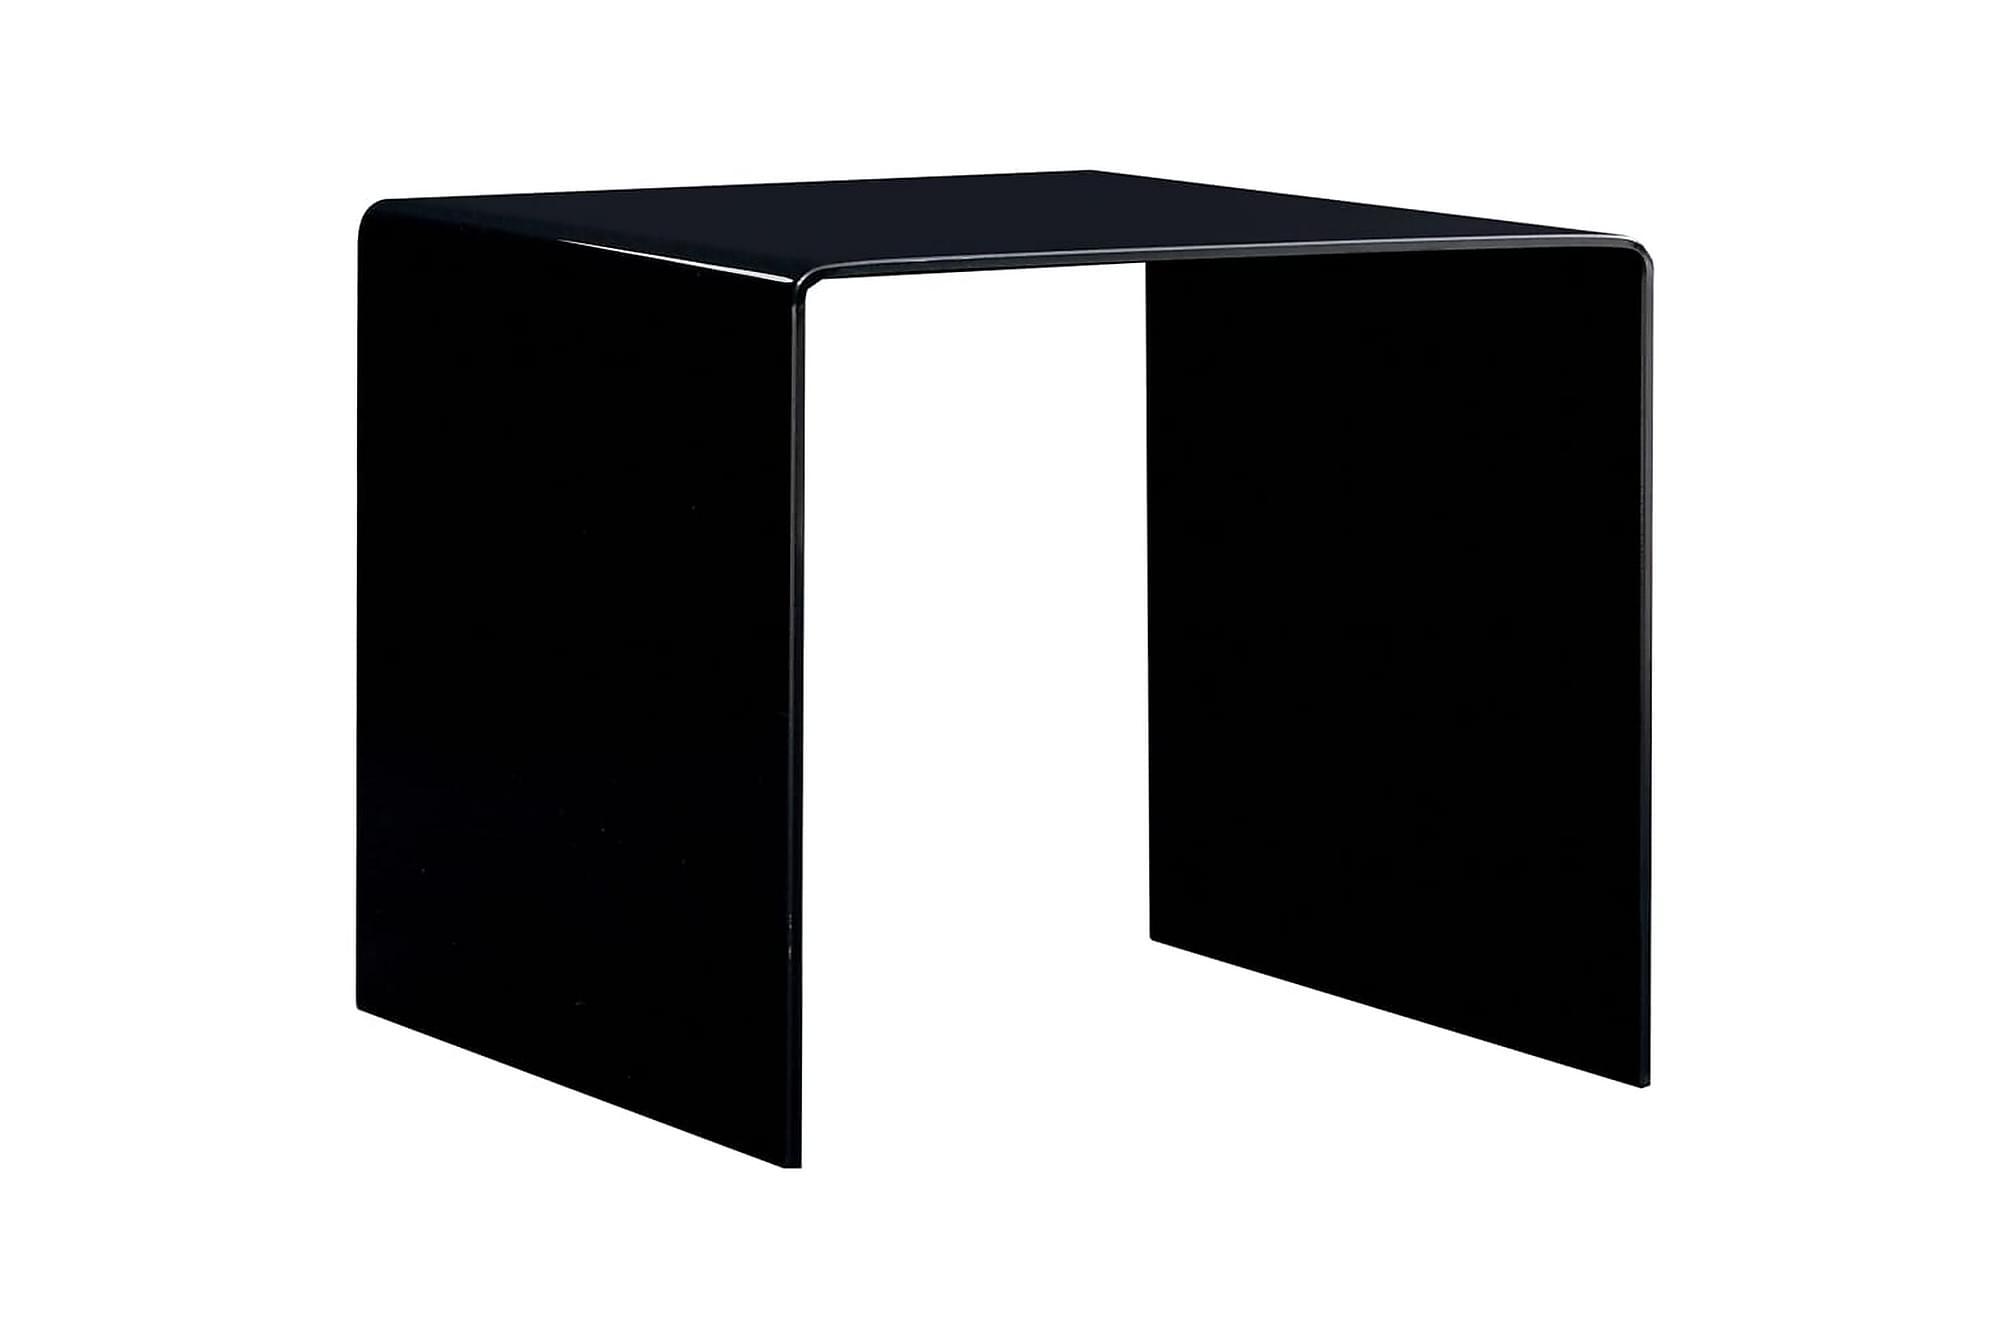 Soffbord svart 50x50x45 cm härdat glas